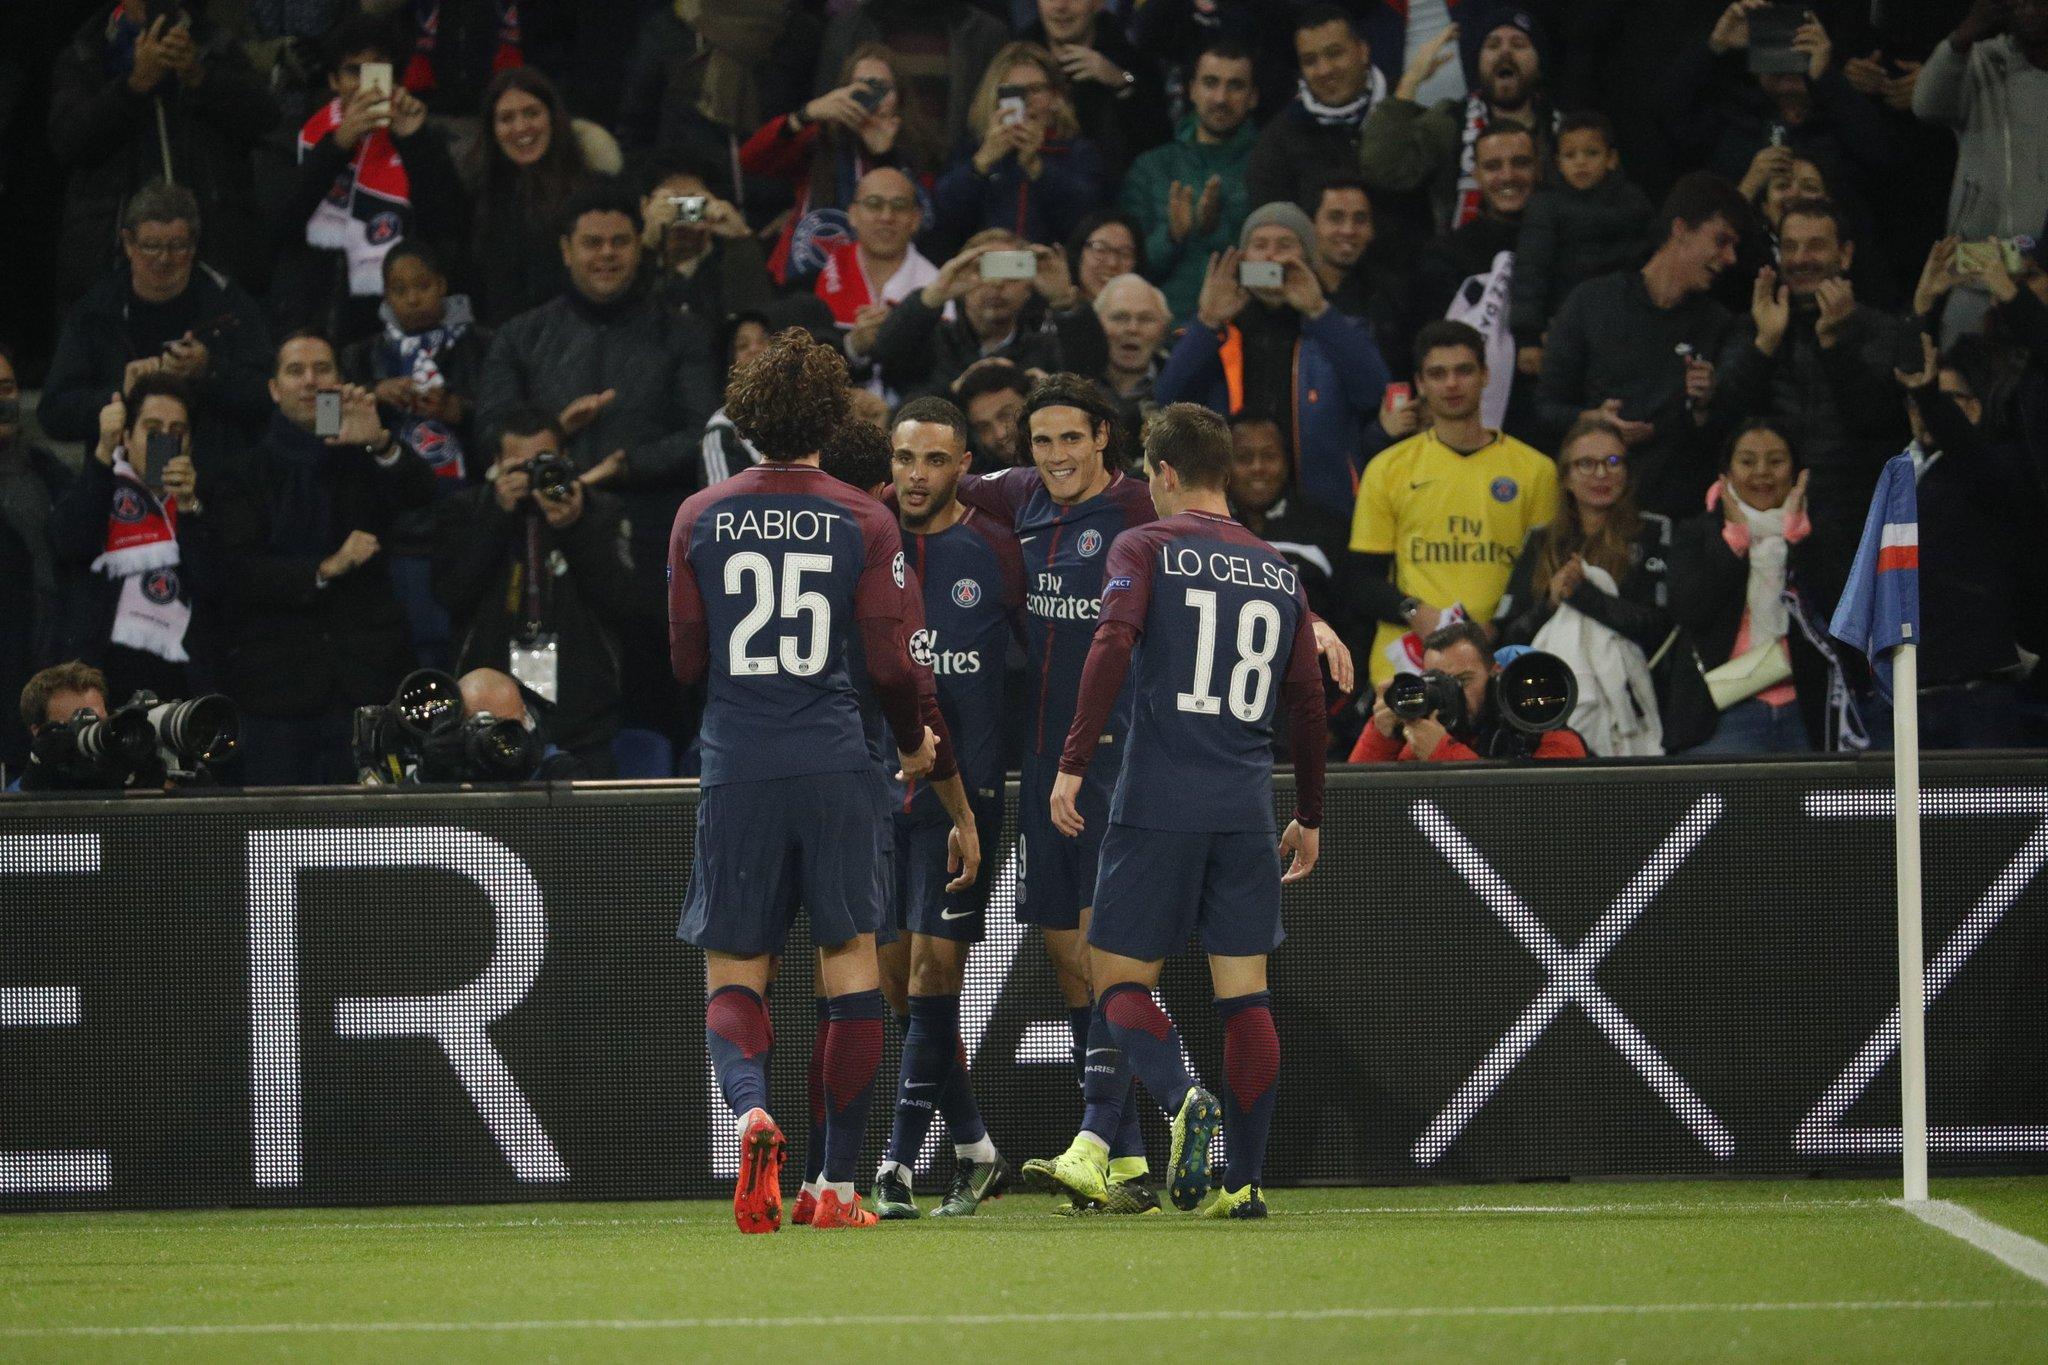 Les images du PSG ce mardi une grande soirée et victoire !.jpg